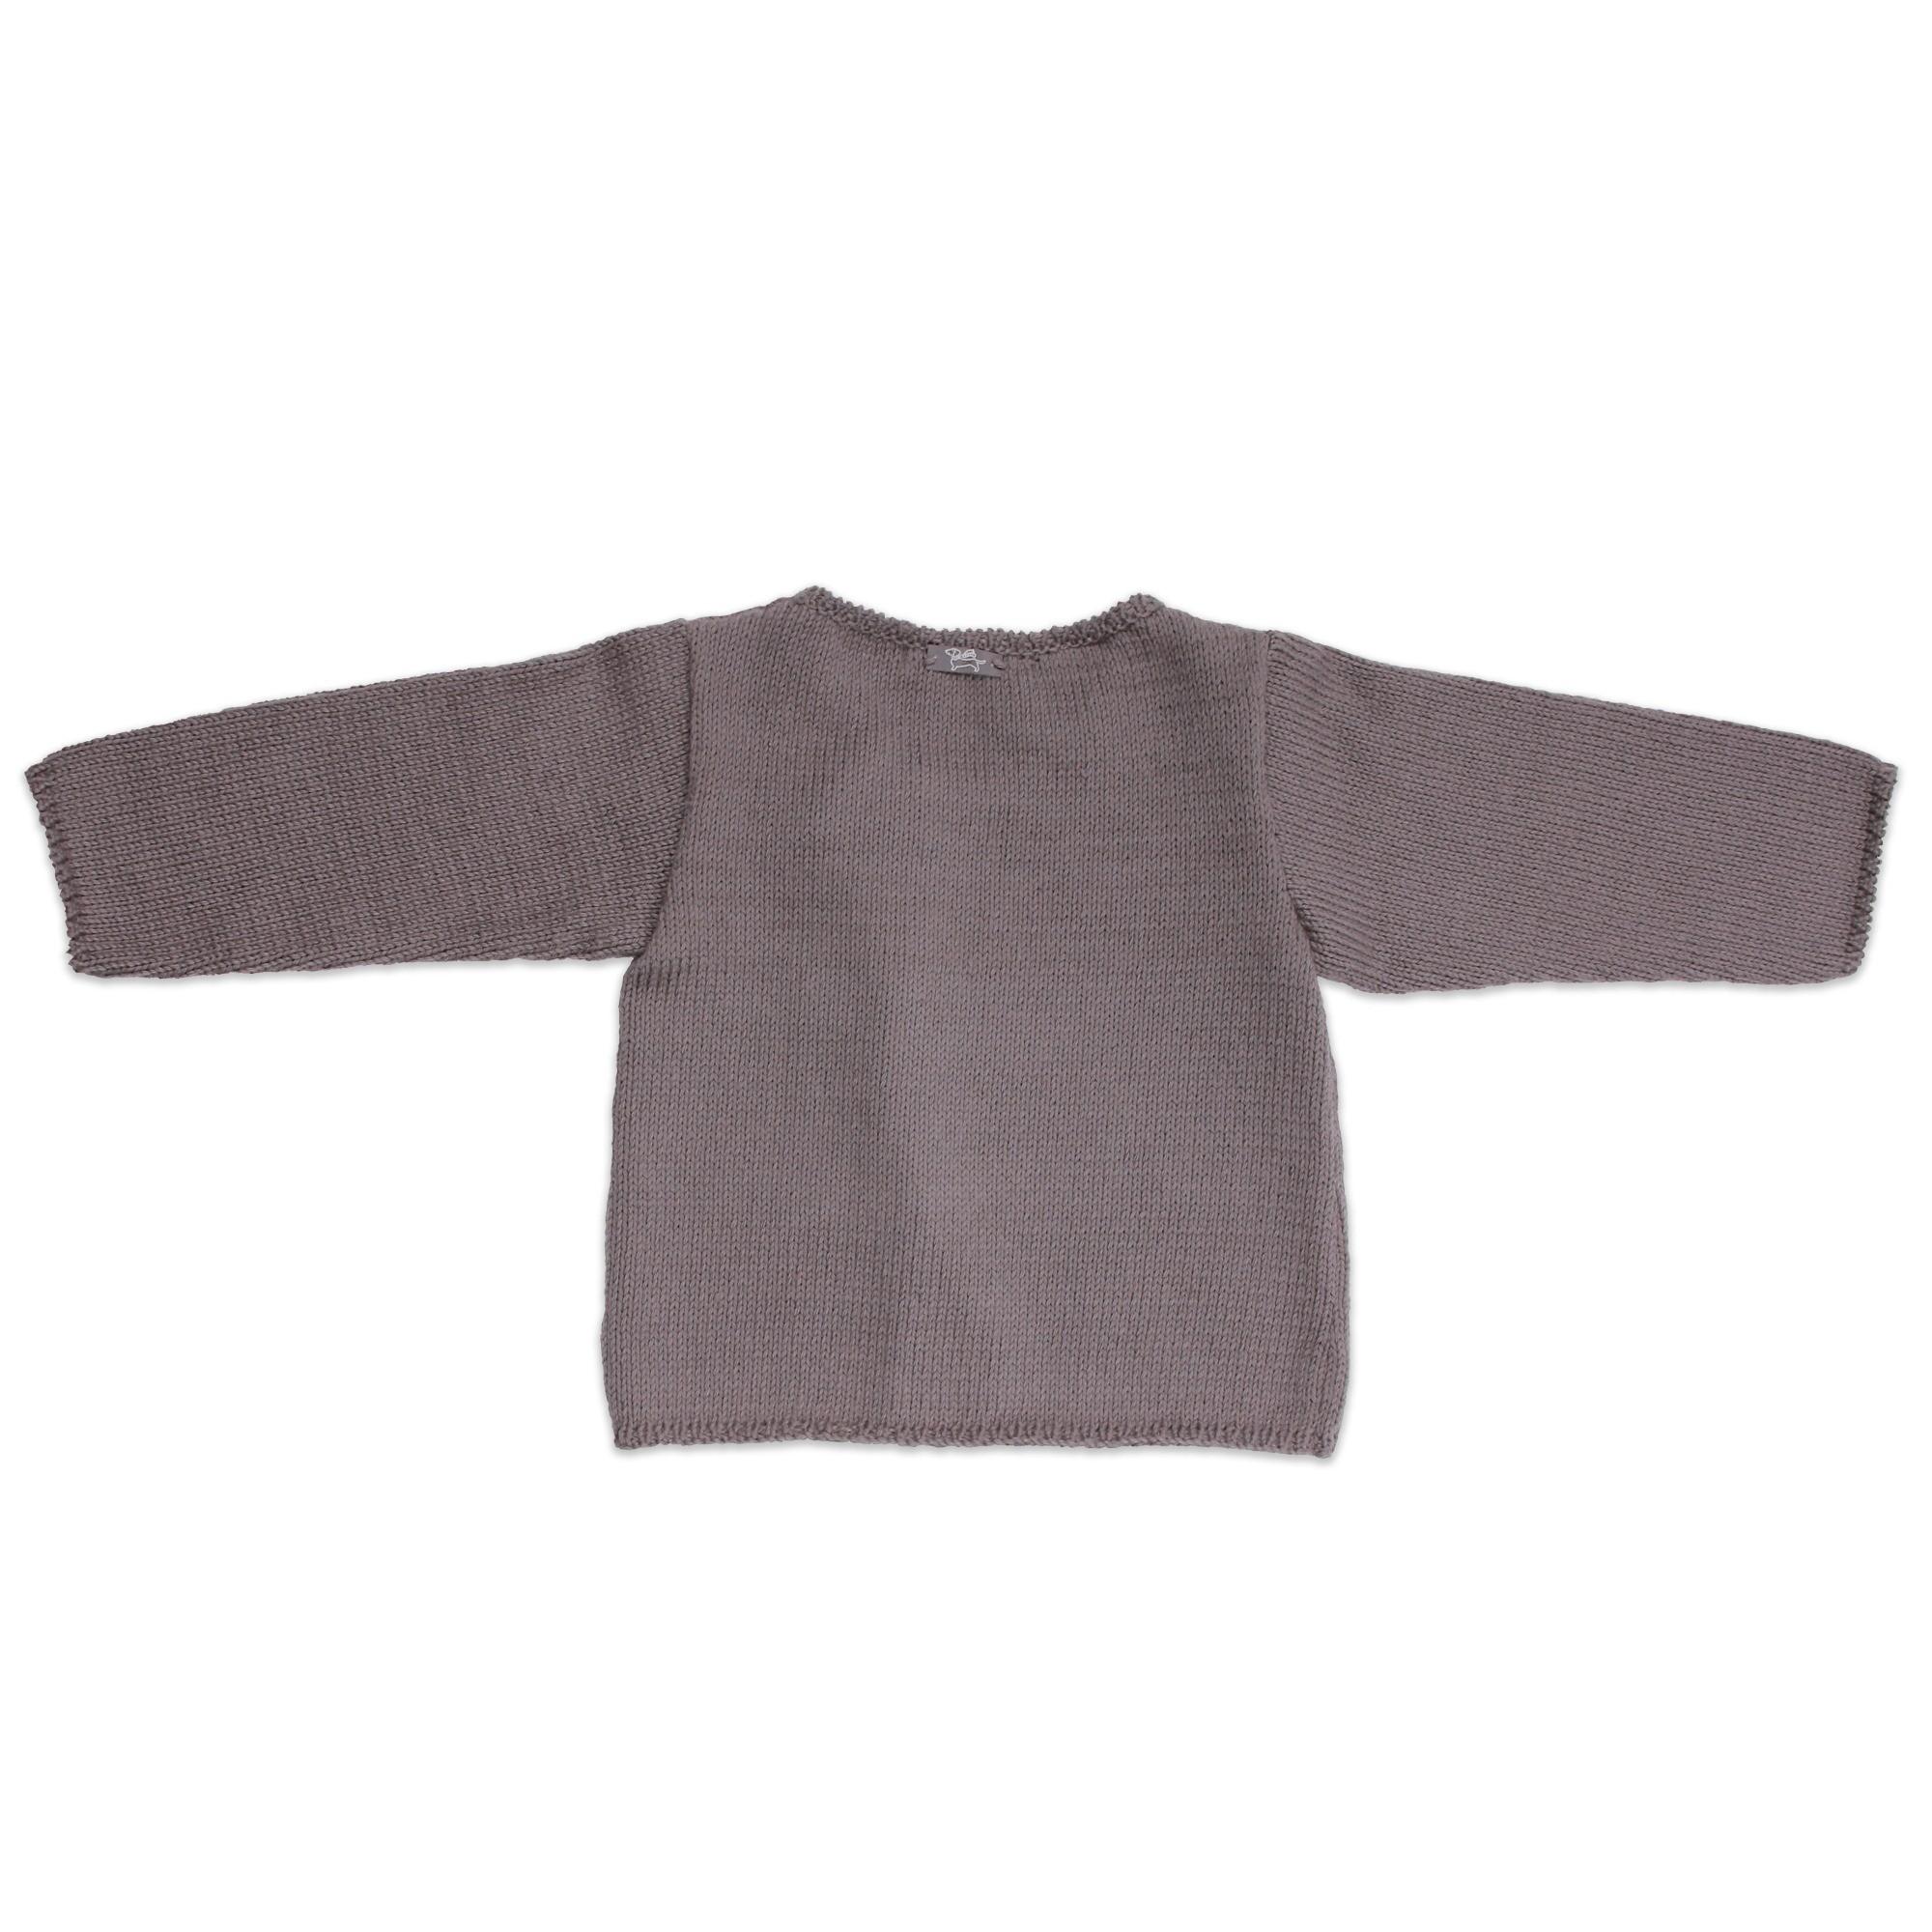 Gilet bébé gris foncé en coton et cachemire avec boutons bois tricoté en point jersey - dos